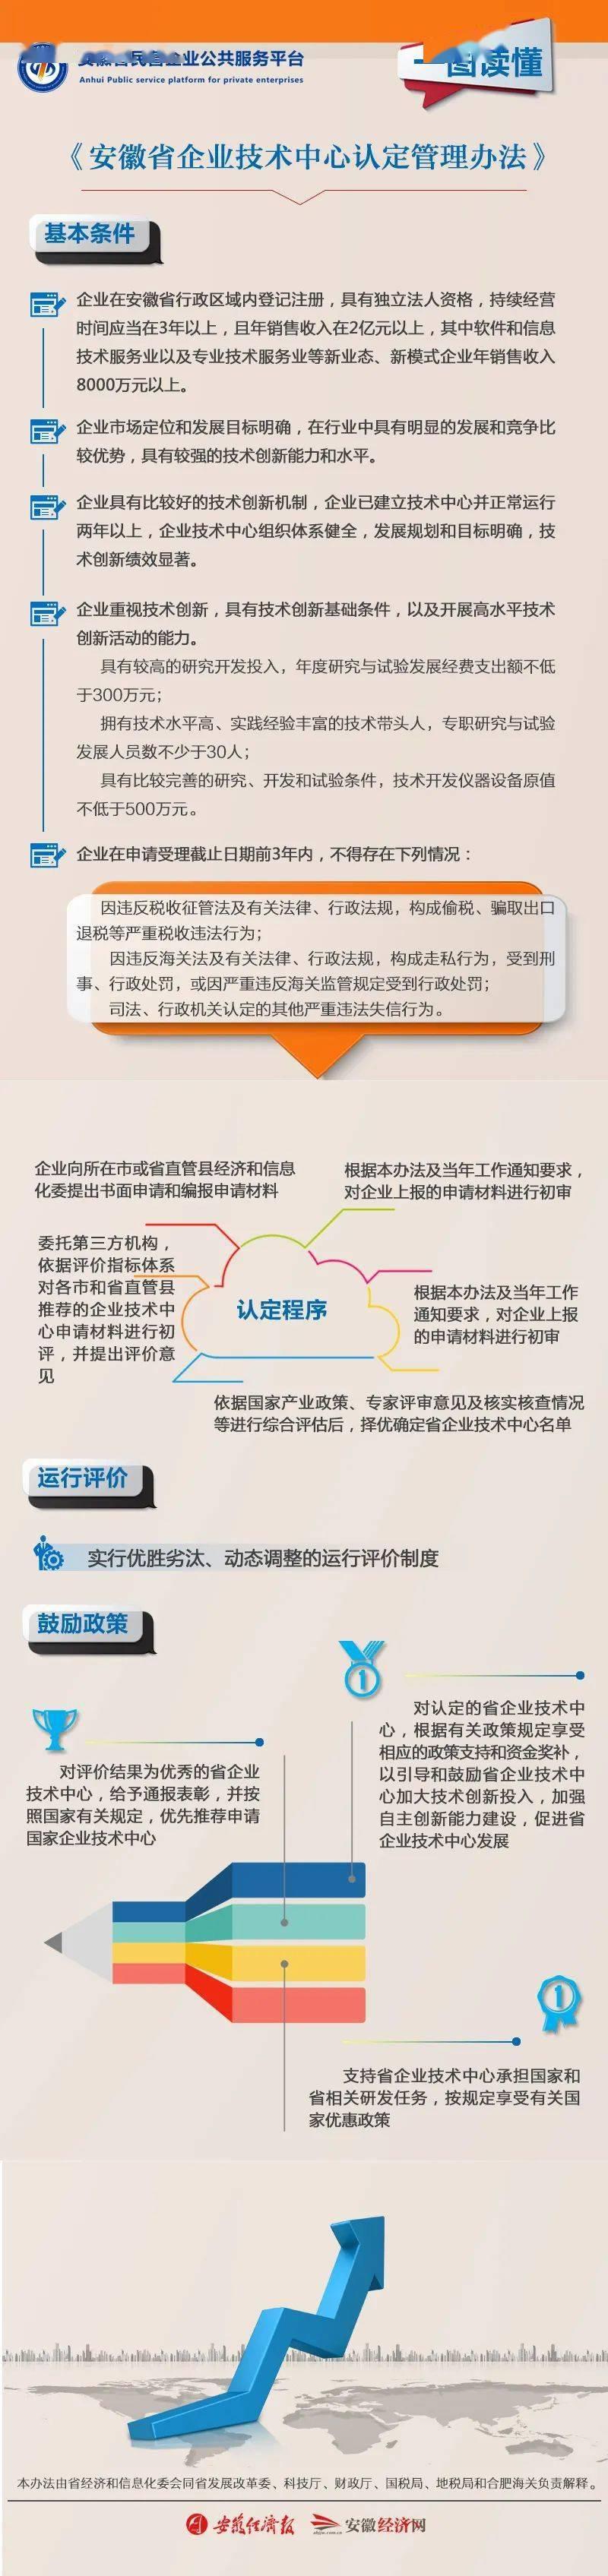 【政策图解】一图读懂《安徽省企业技术中心认定管理办法》